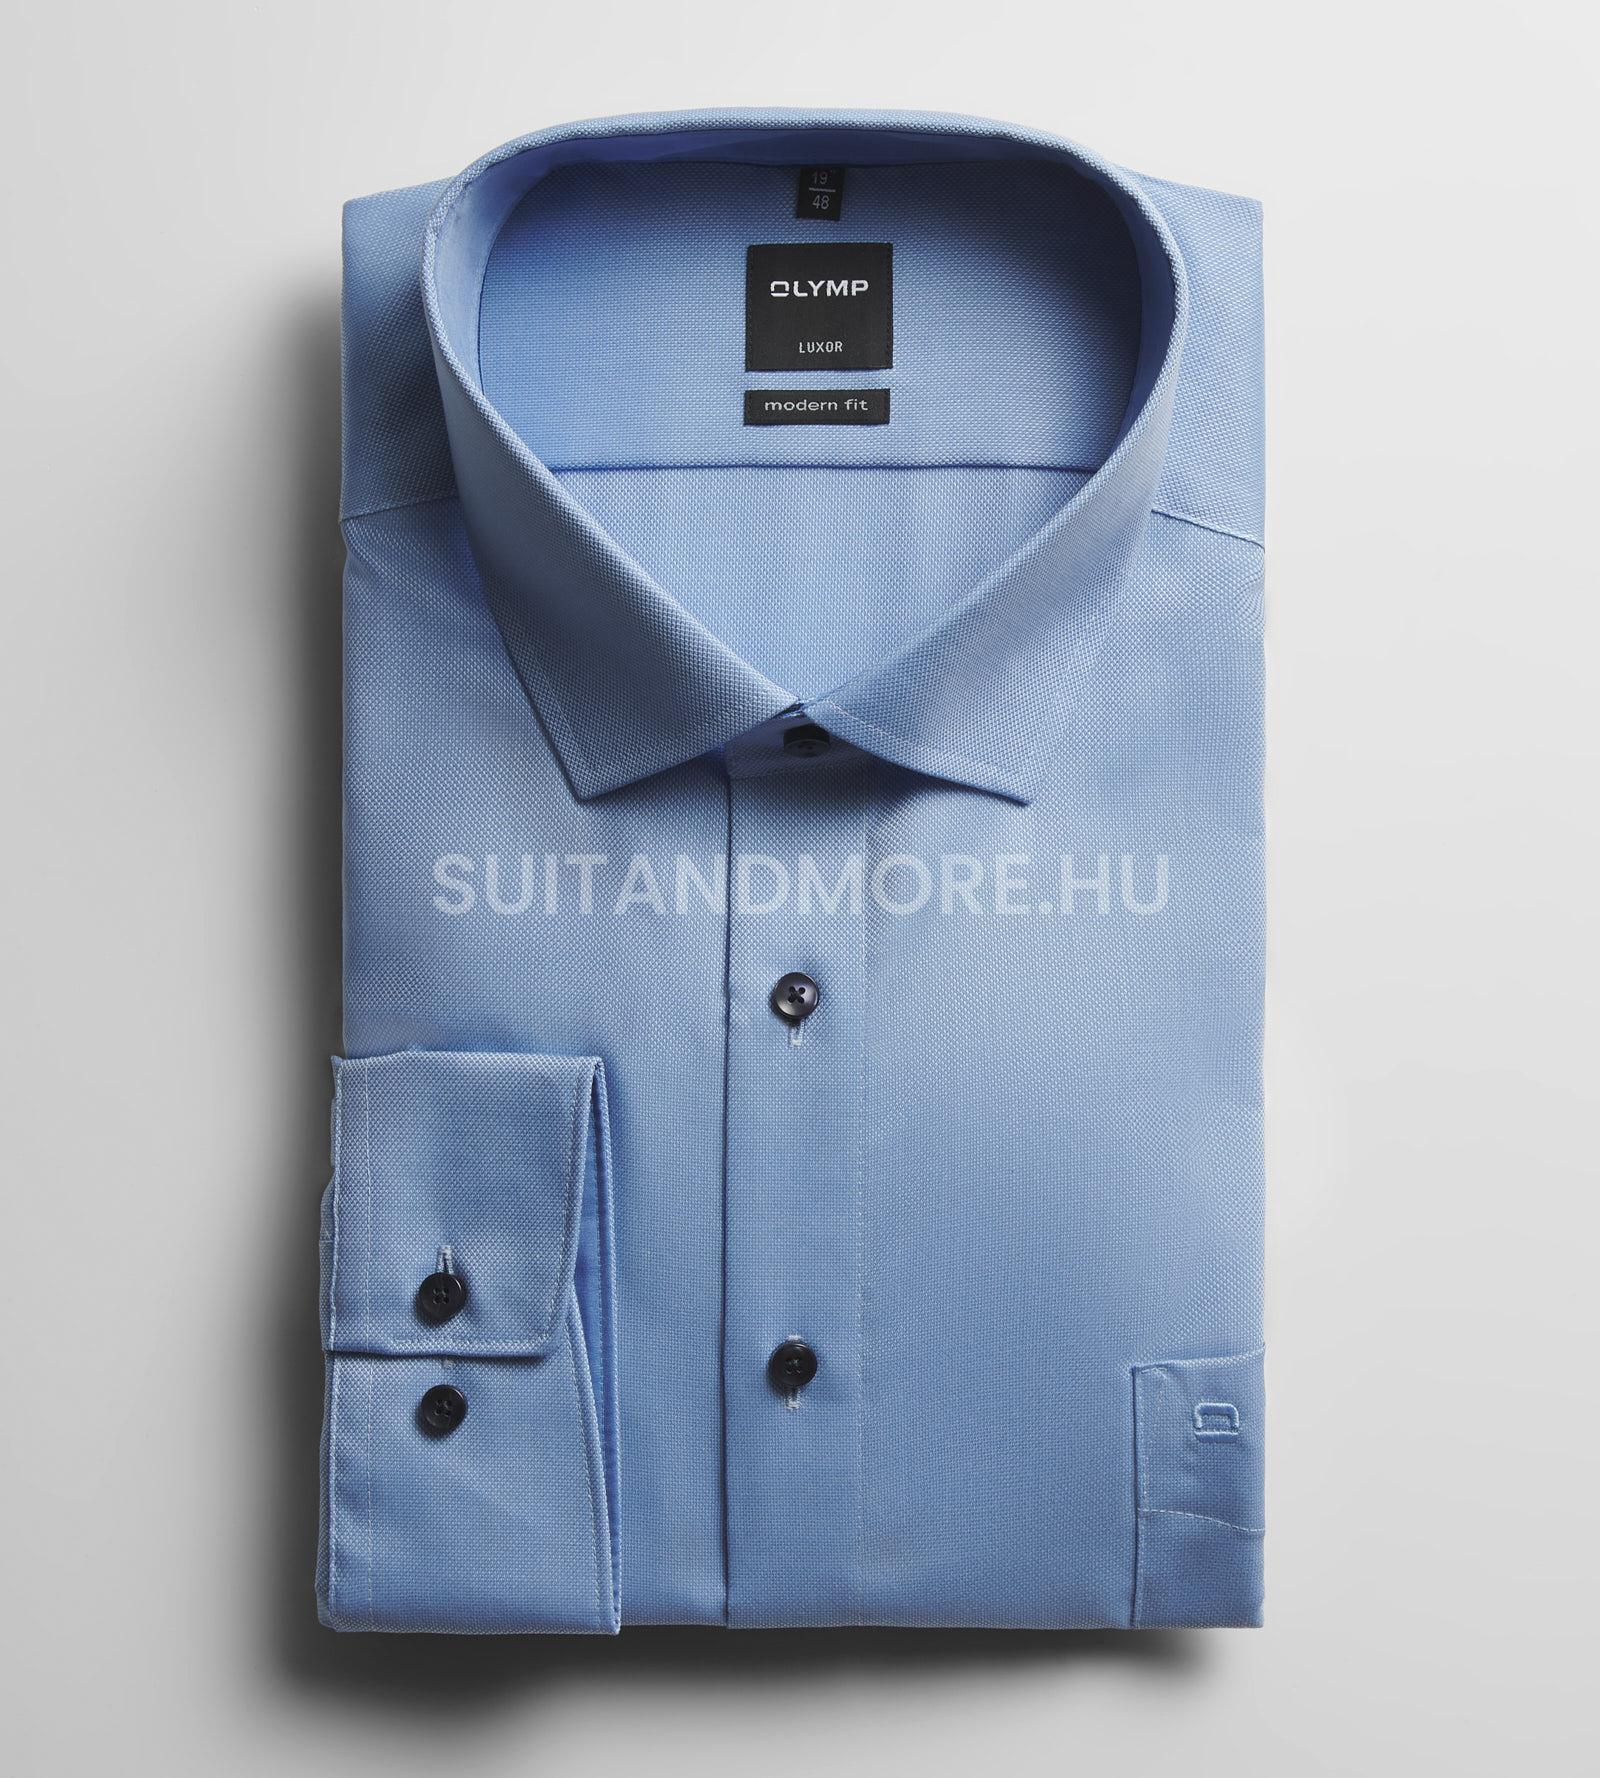 OLYMP-kék-modern-fit-strukturált-vasaláskönnyített-ing-0400-64-11-01